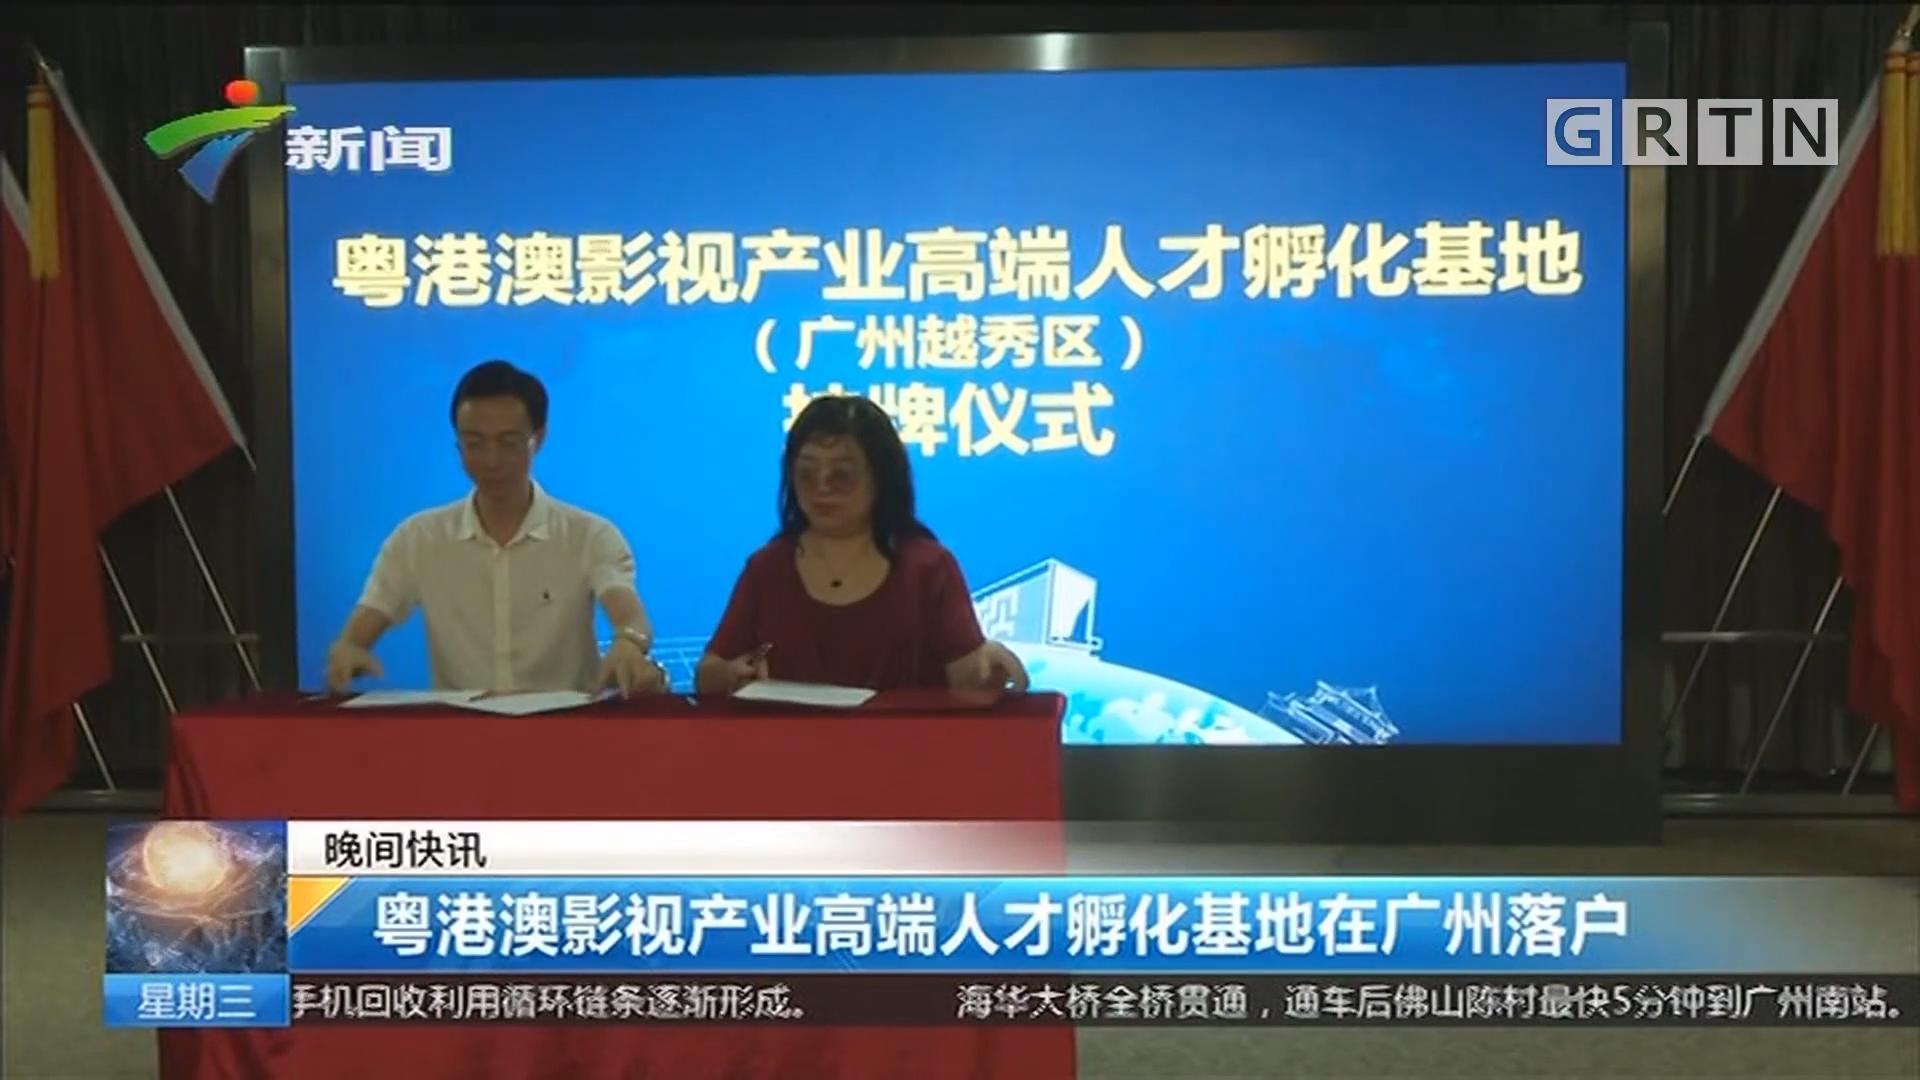 粤港澳影视产业高端人才孵化基地在广州落户